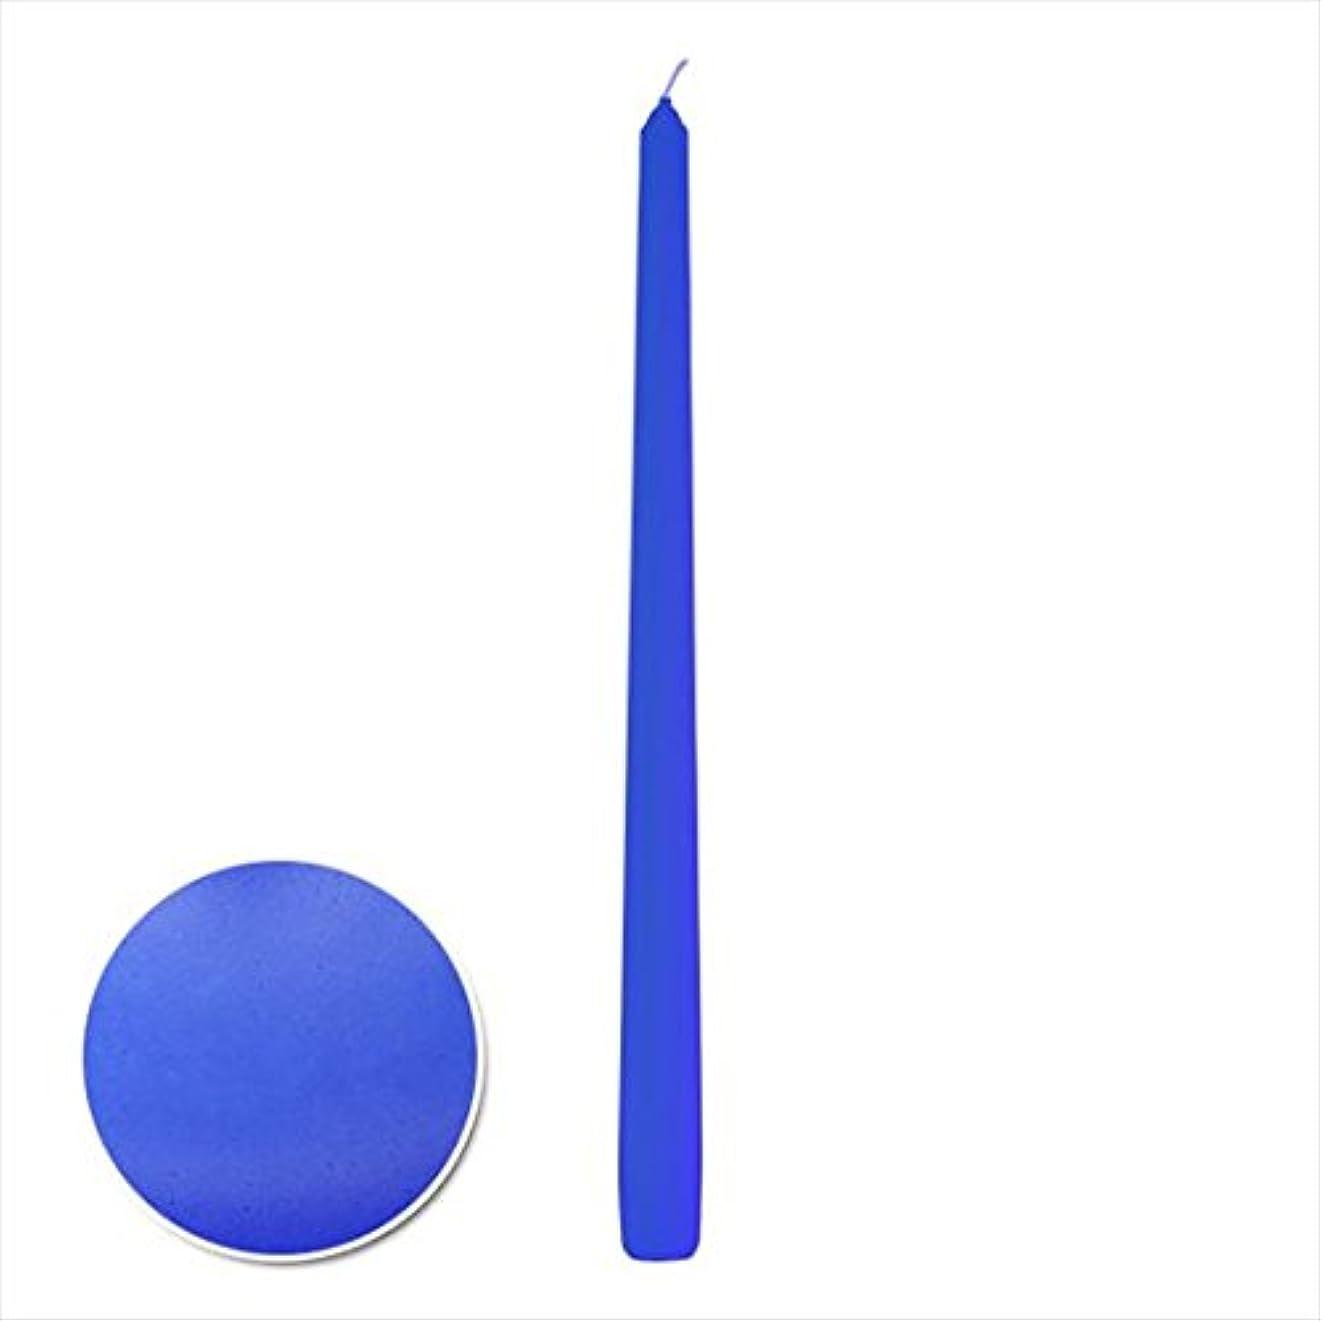 明示的にエゴマニア胆嚢カメヤマキャンドル( kameyama candle ) 12インチテーパー 「 コバルトブルー 」 12本入り